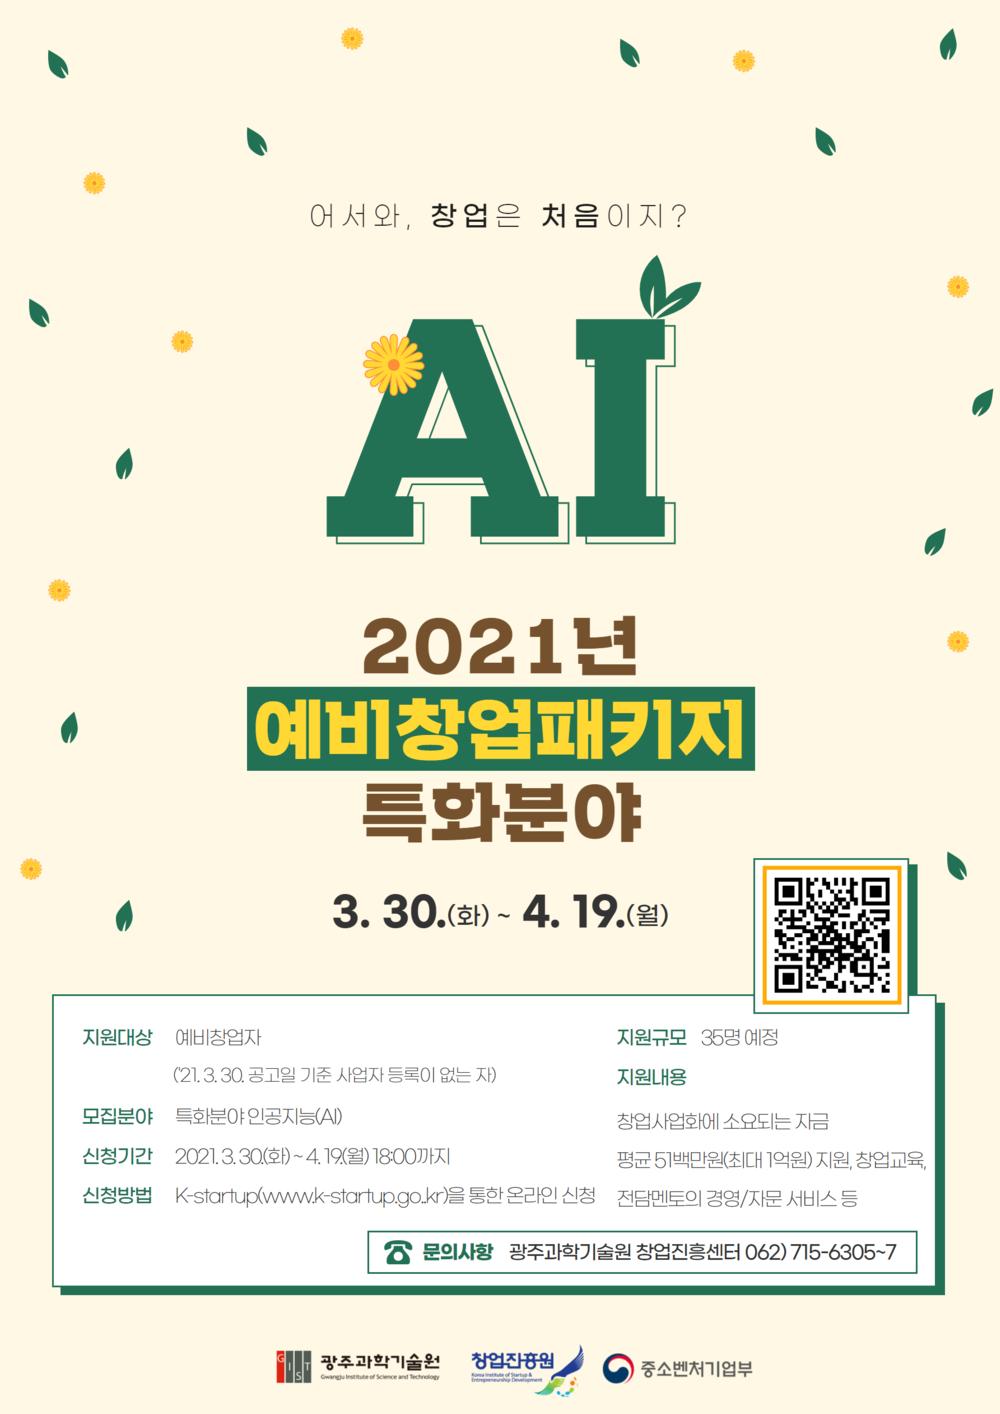 붙임2. 2021년 예비창업패키지 특화분야 홍보포스터.png